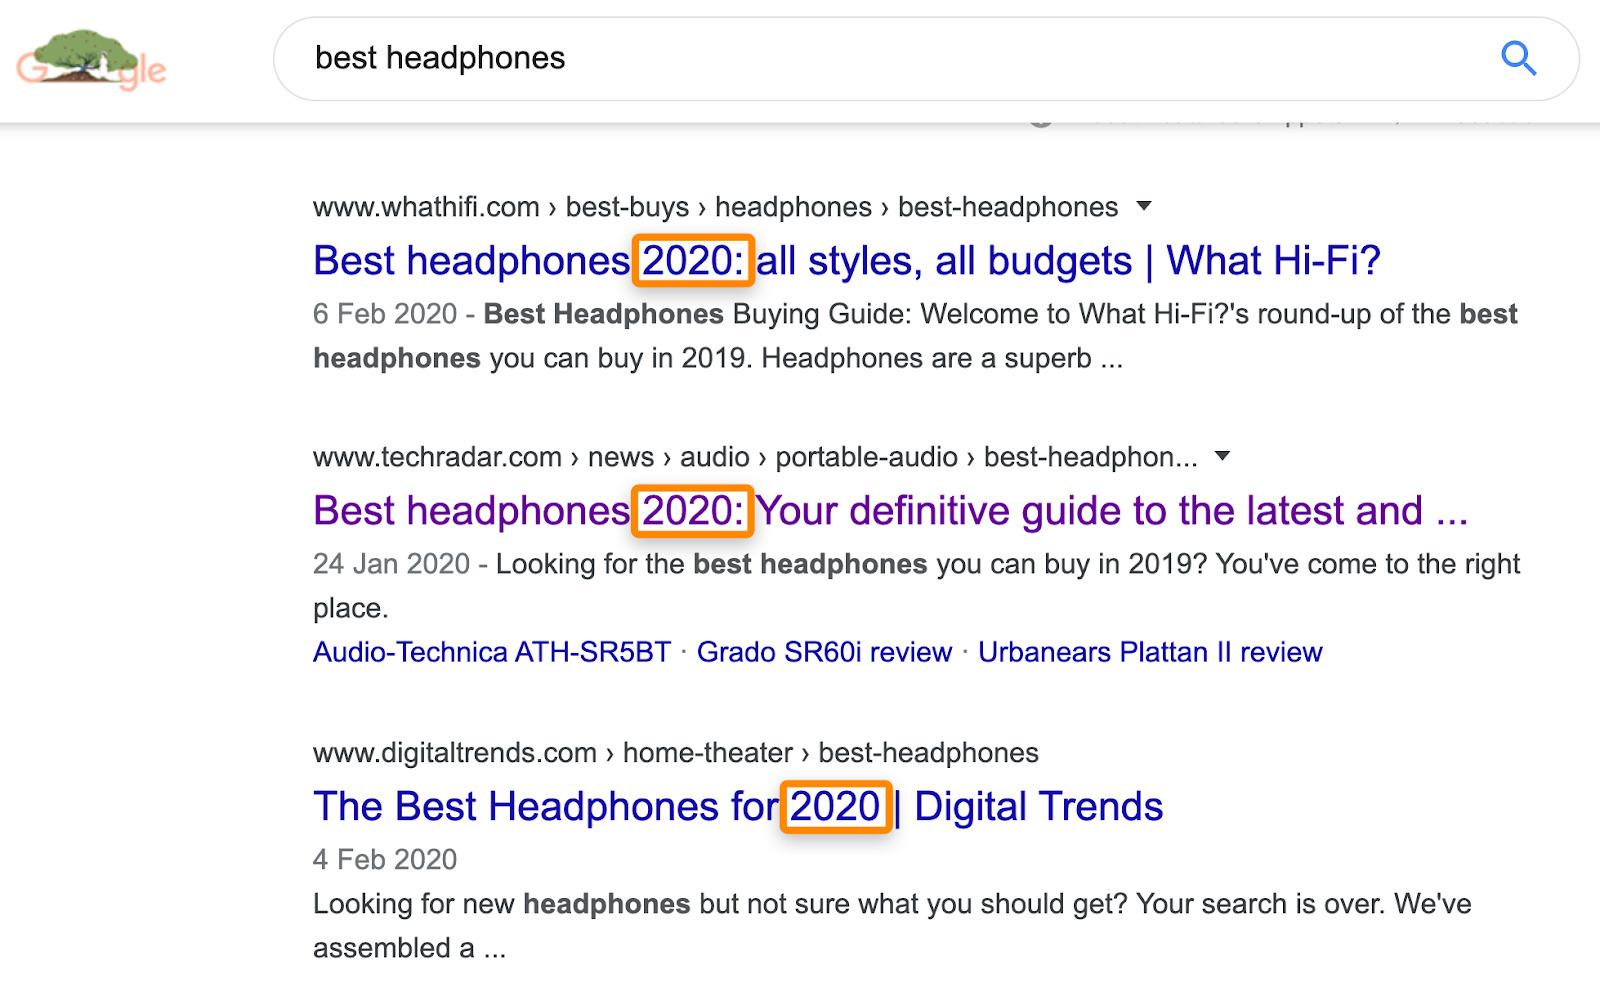 21 best headphones